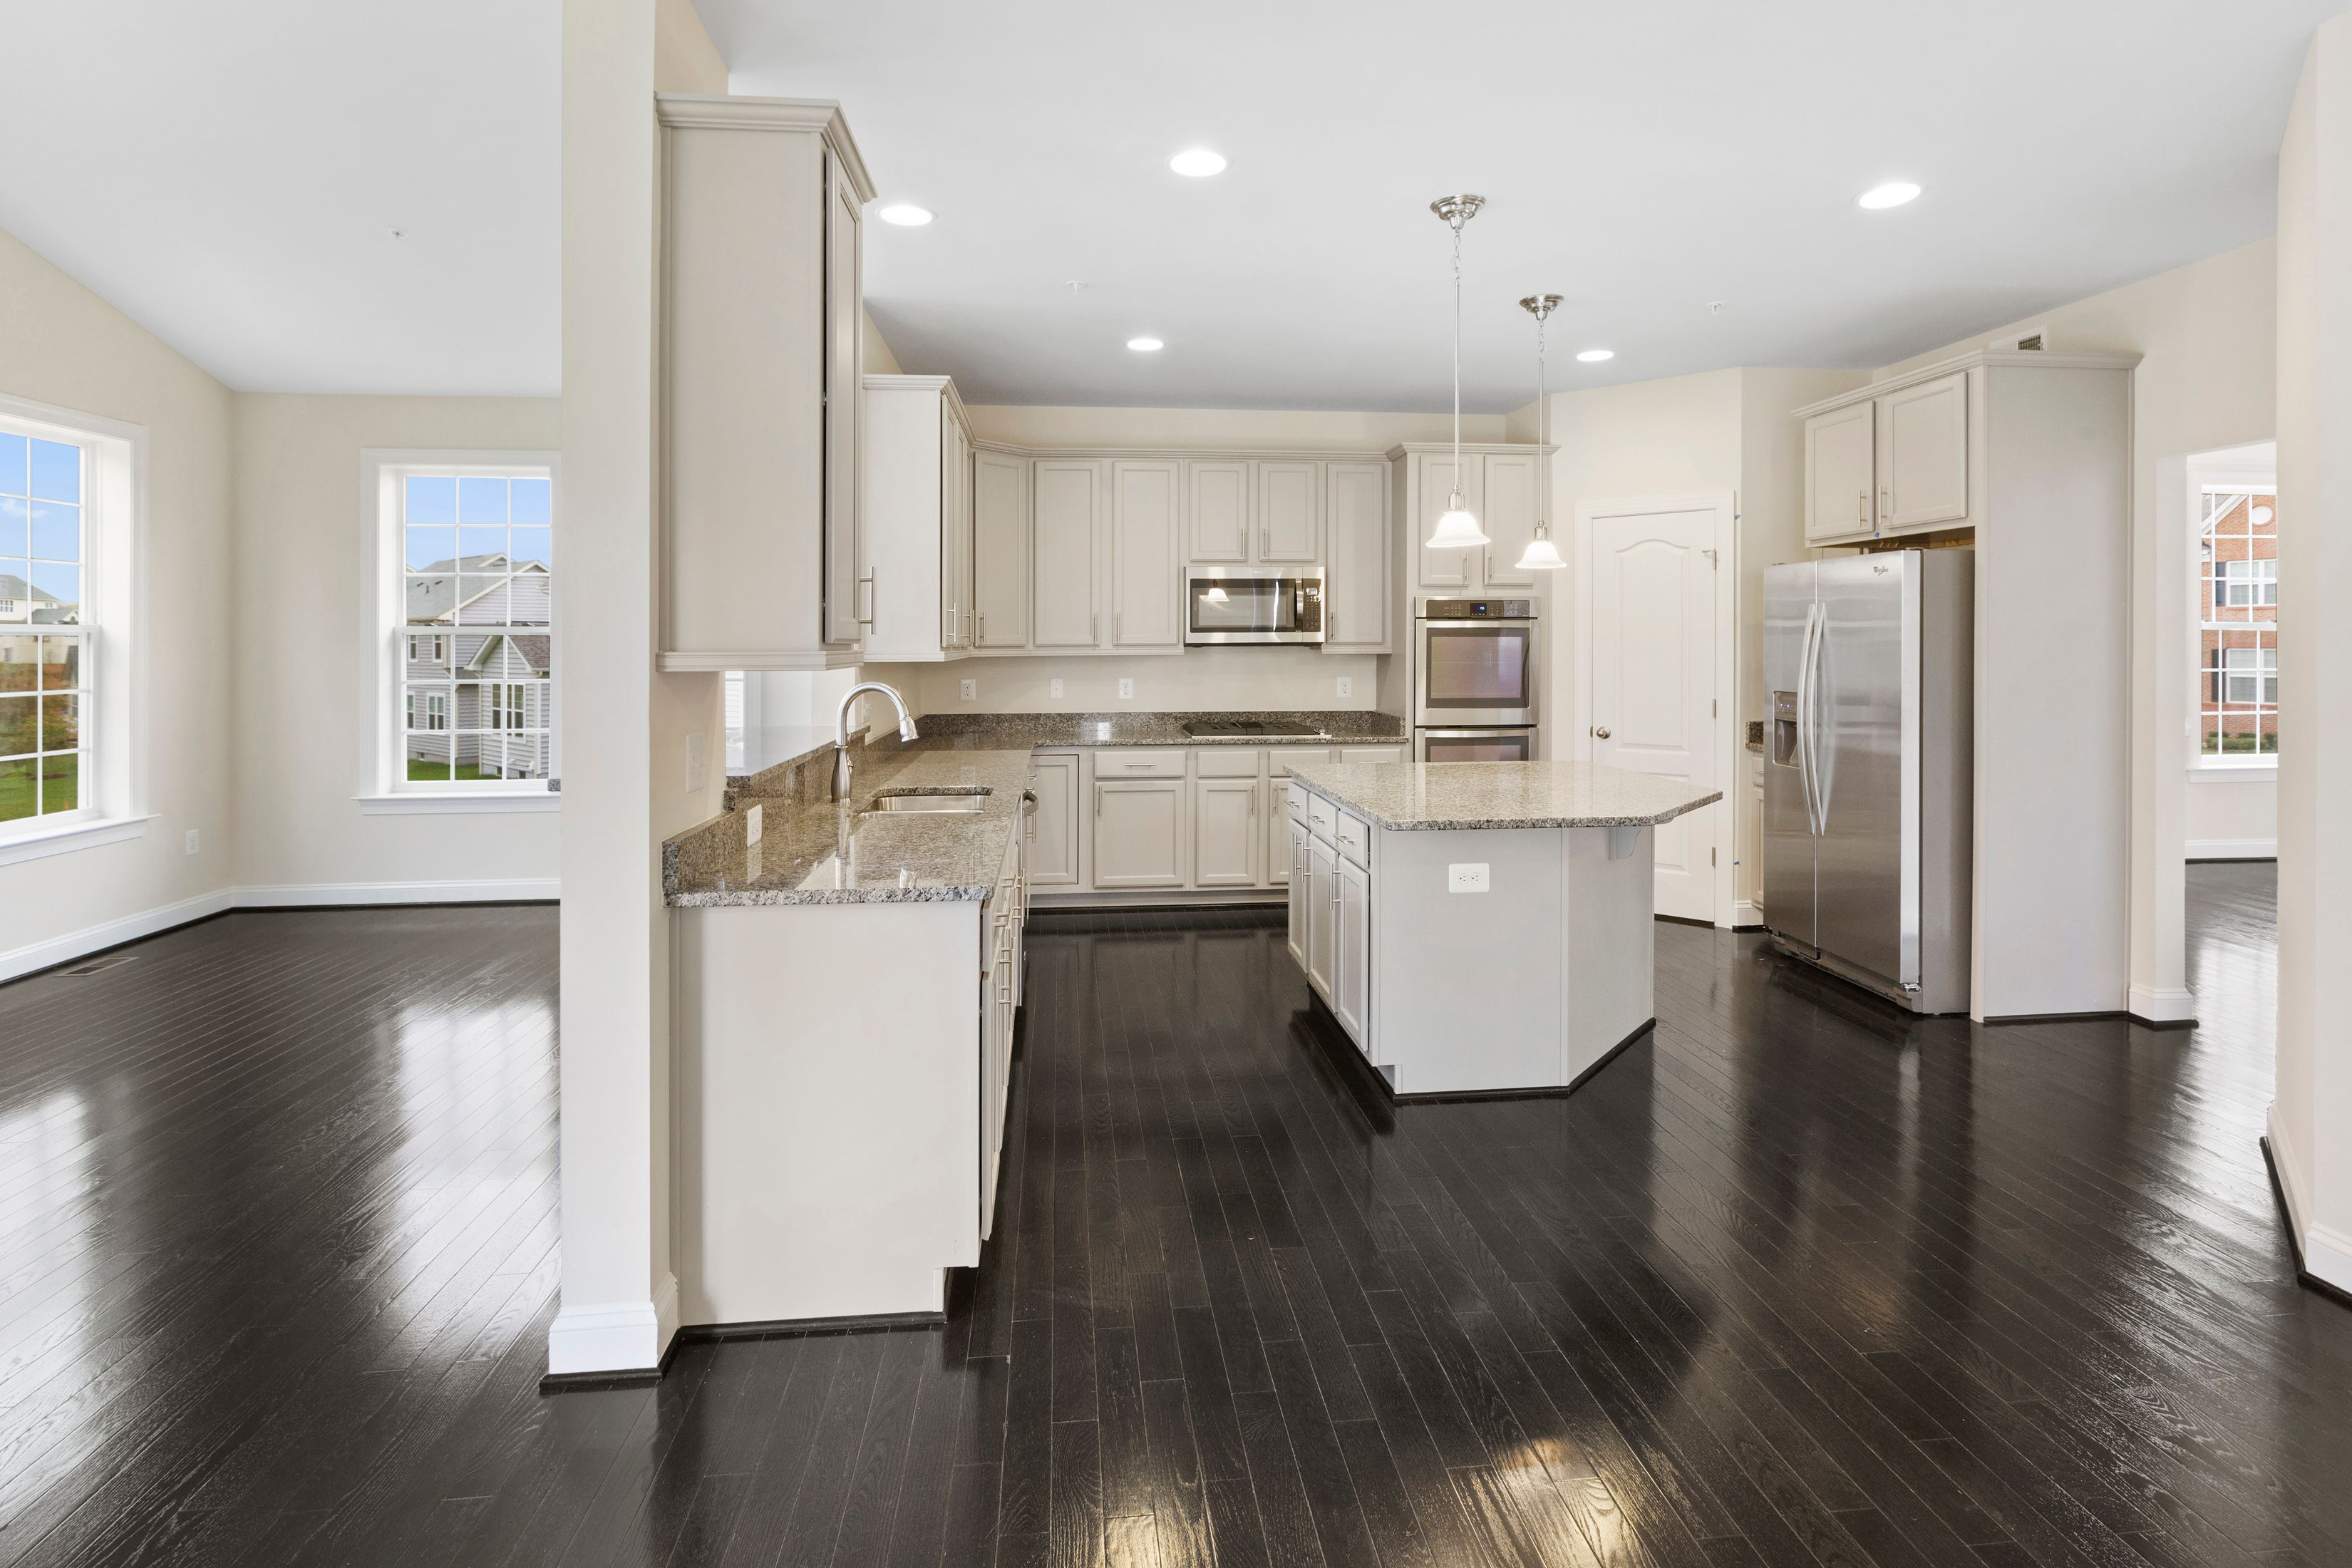 Kitchen featured in the Belmont II By Dan Ryan Builders in Hagerstown, MD